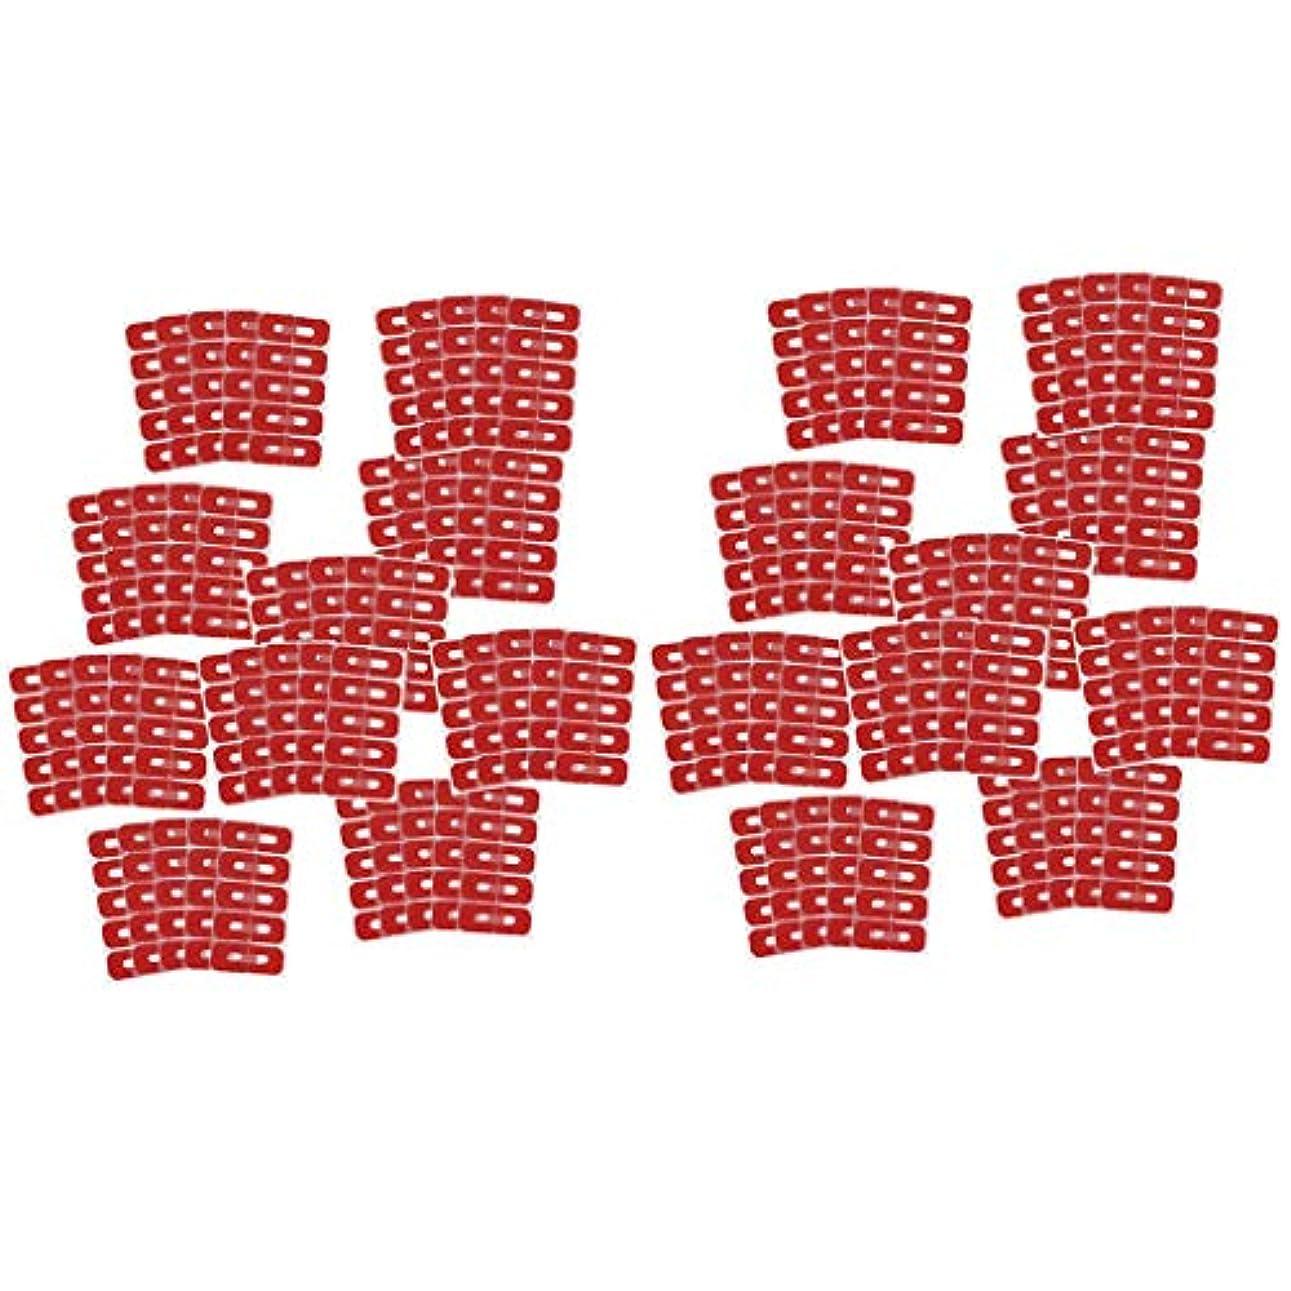 害歌詞反逆CUTICATE ネイルカバー ネイルプロテクター ネイルアート はみ出し防止 溢れを防止 マニキュア ネイルケア